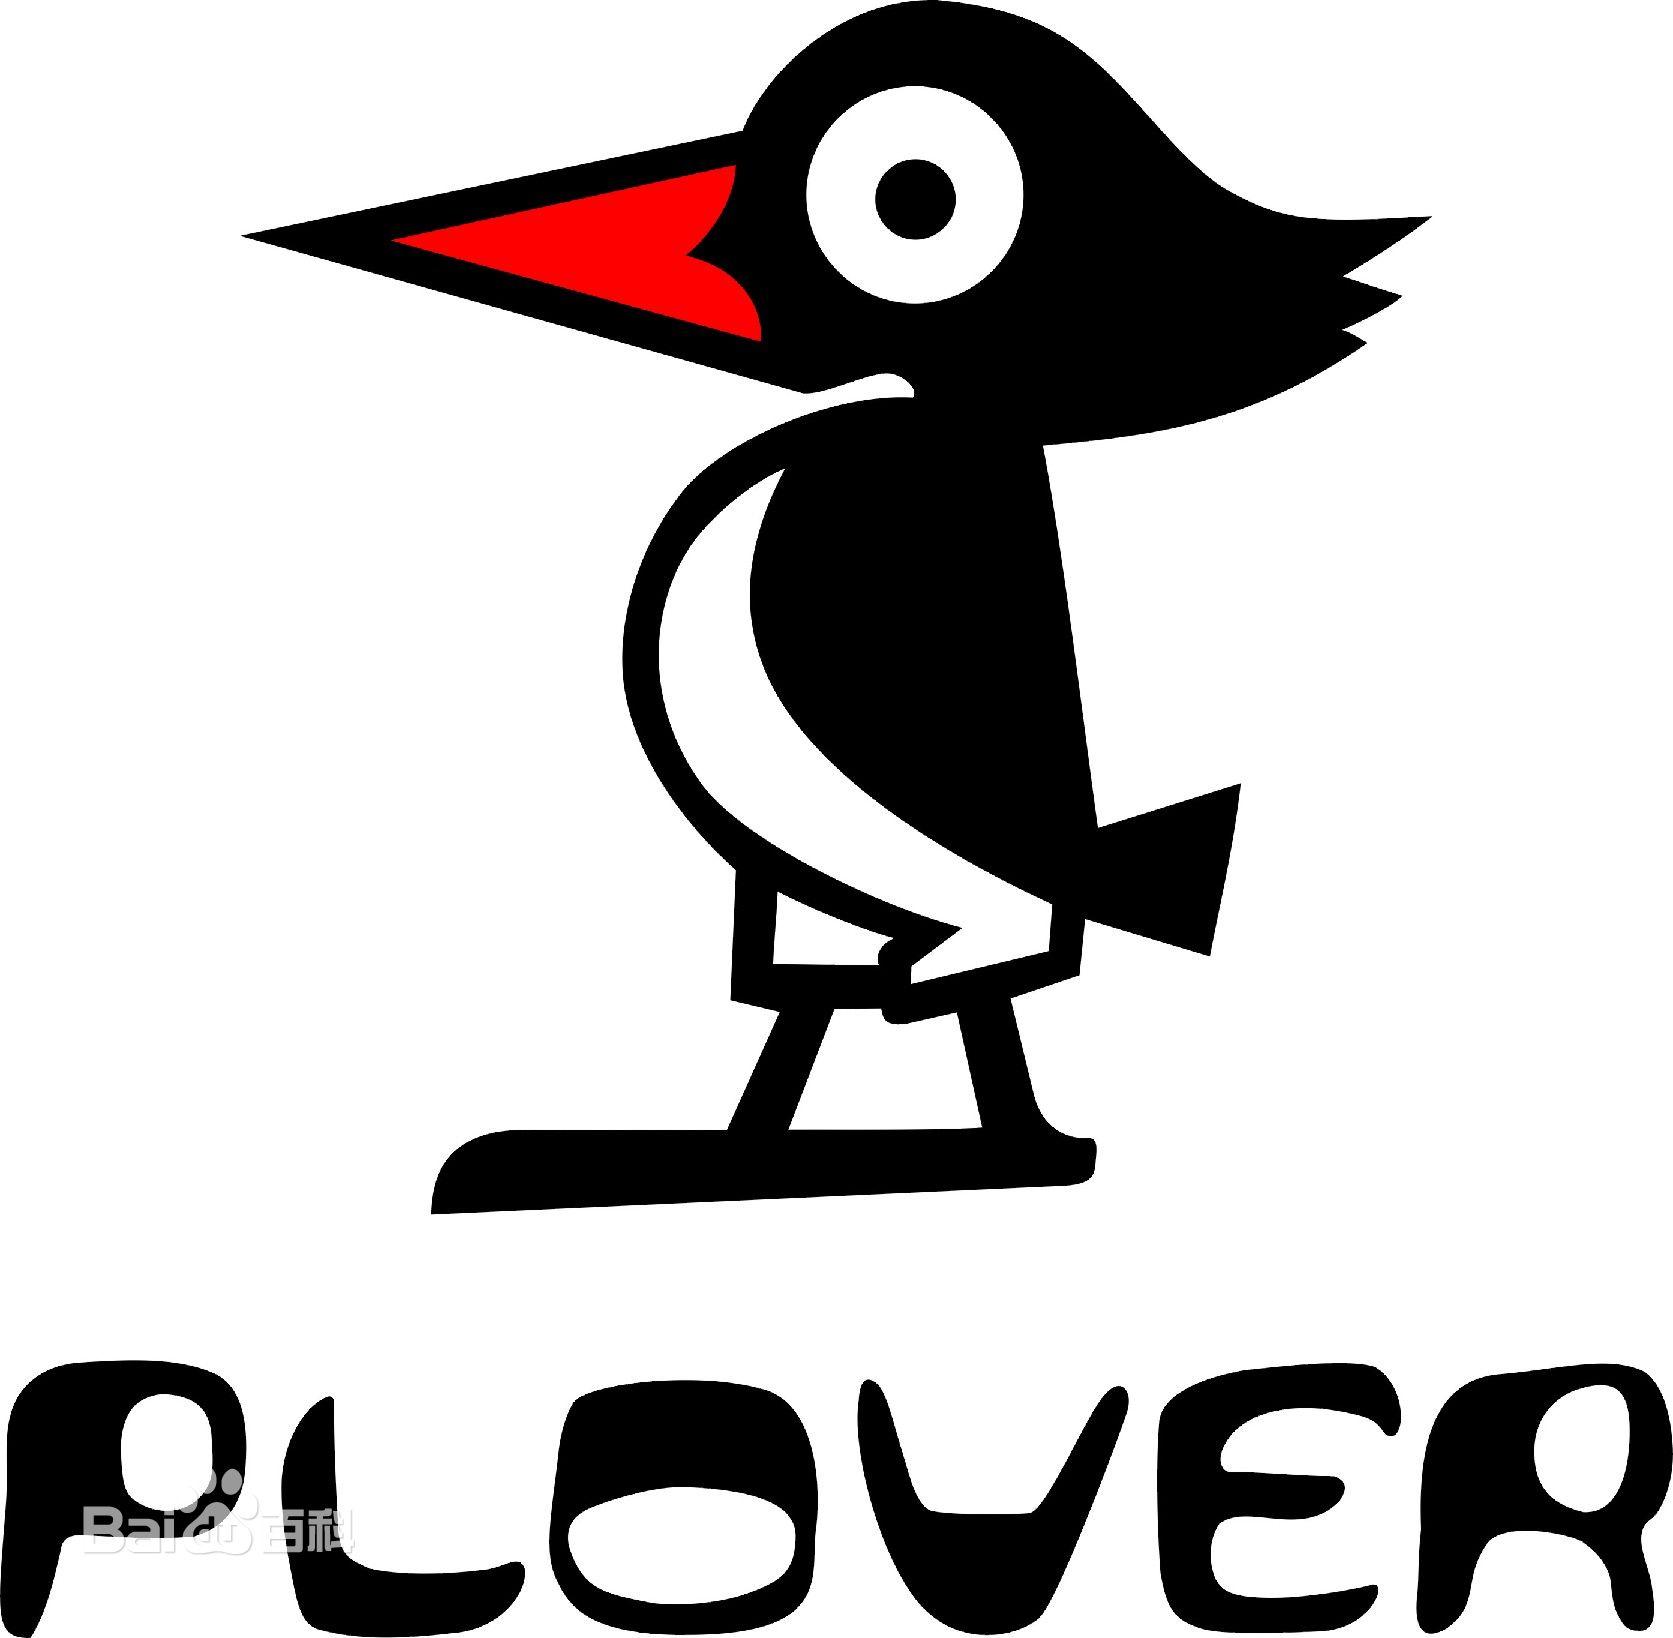 皮包上一个鸟形的商标是什么牌子